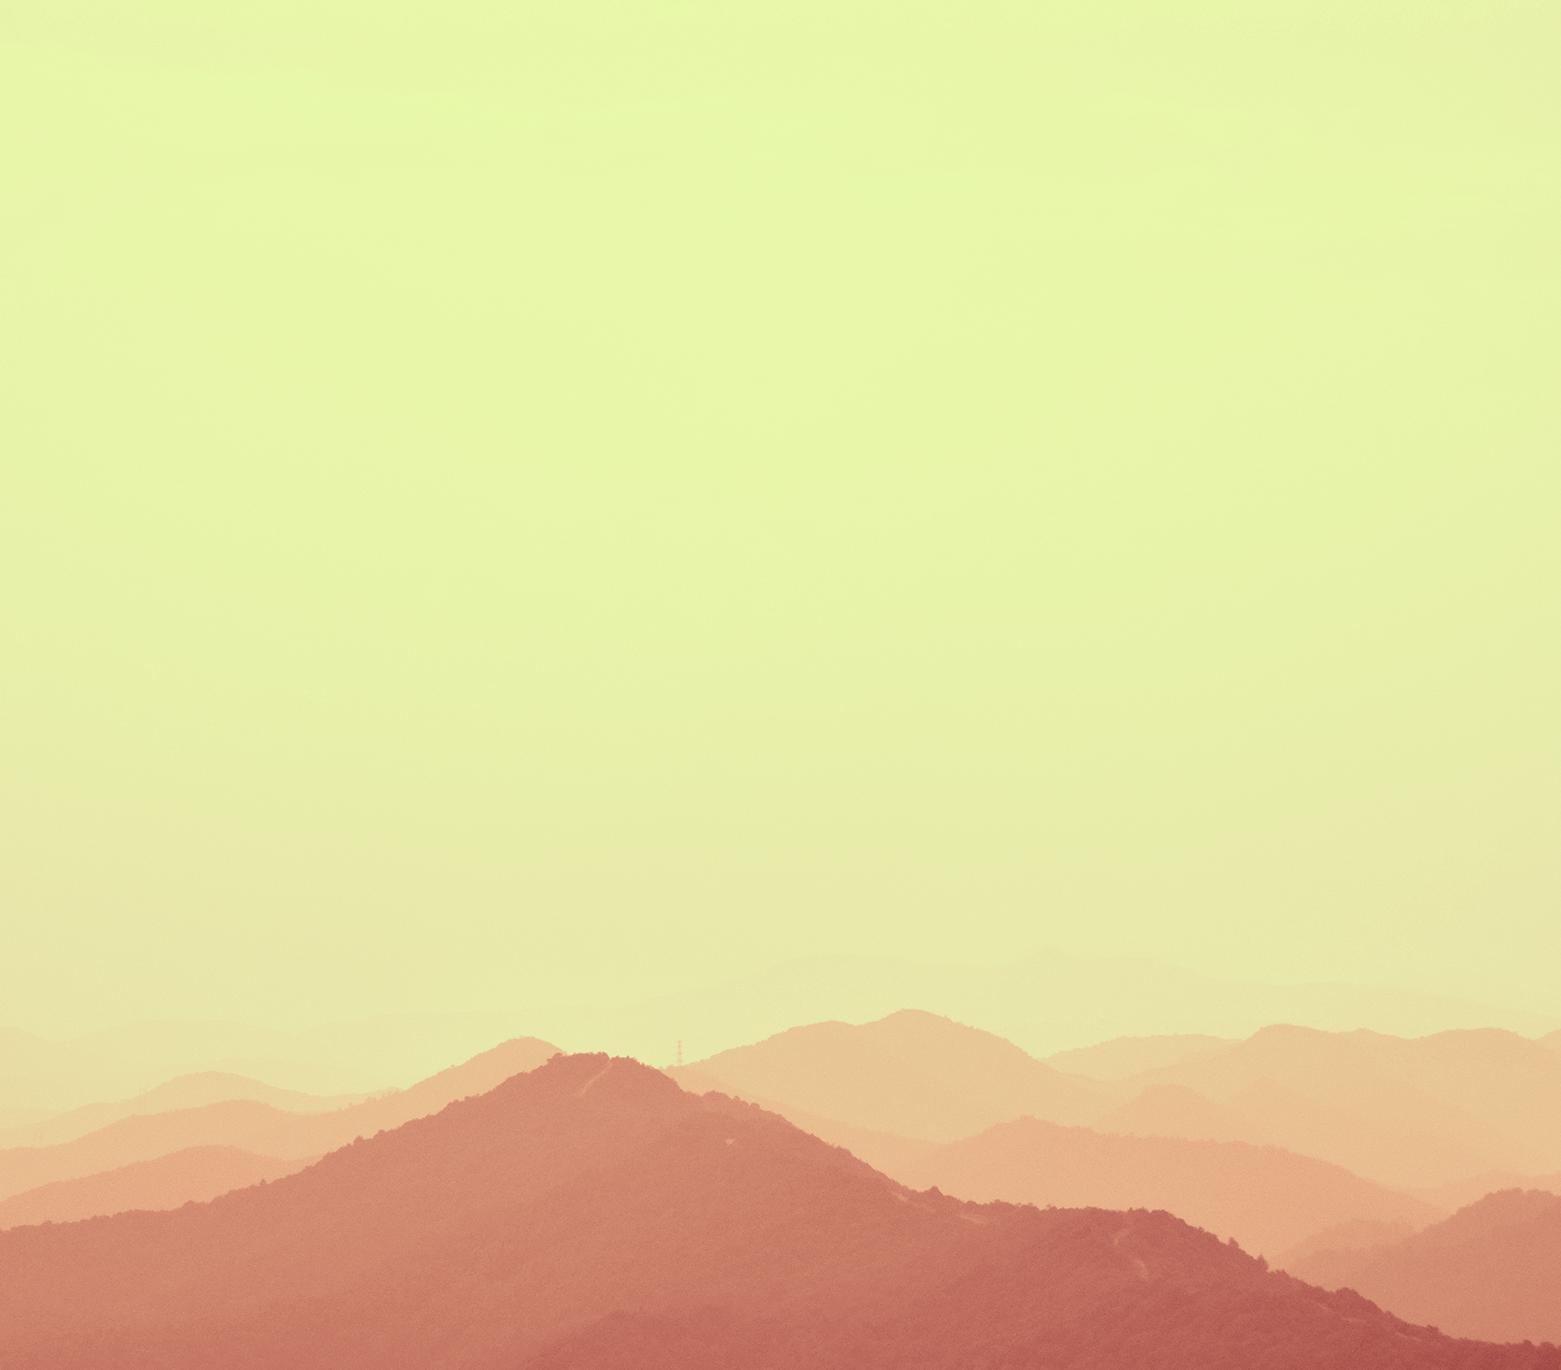 马克笔手绘远山